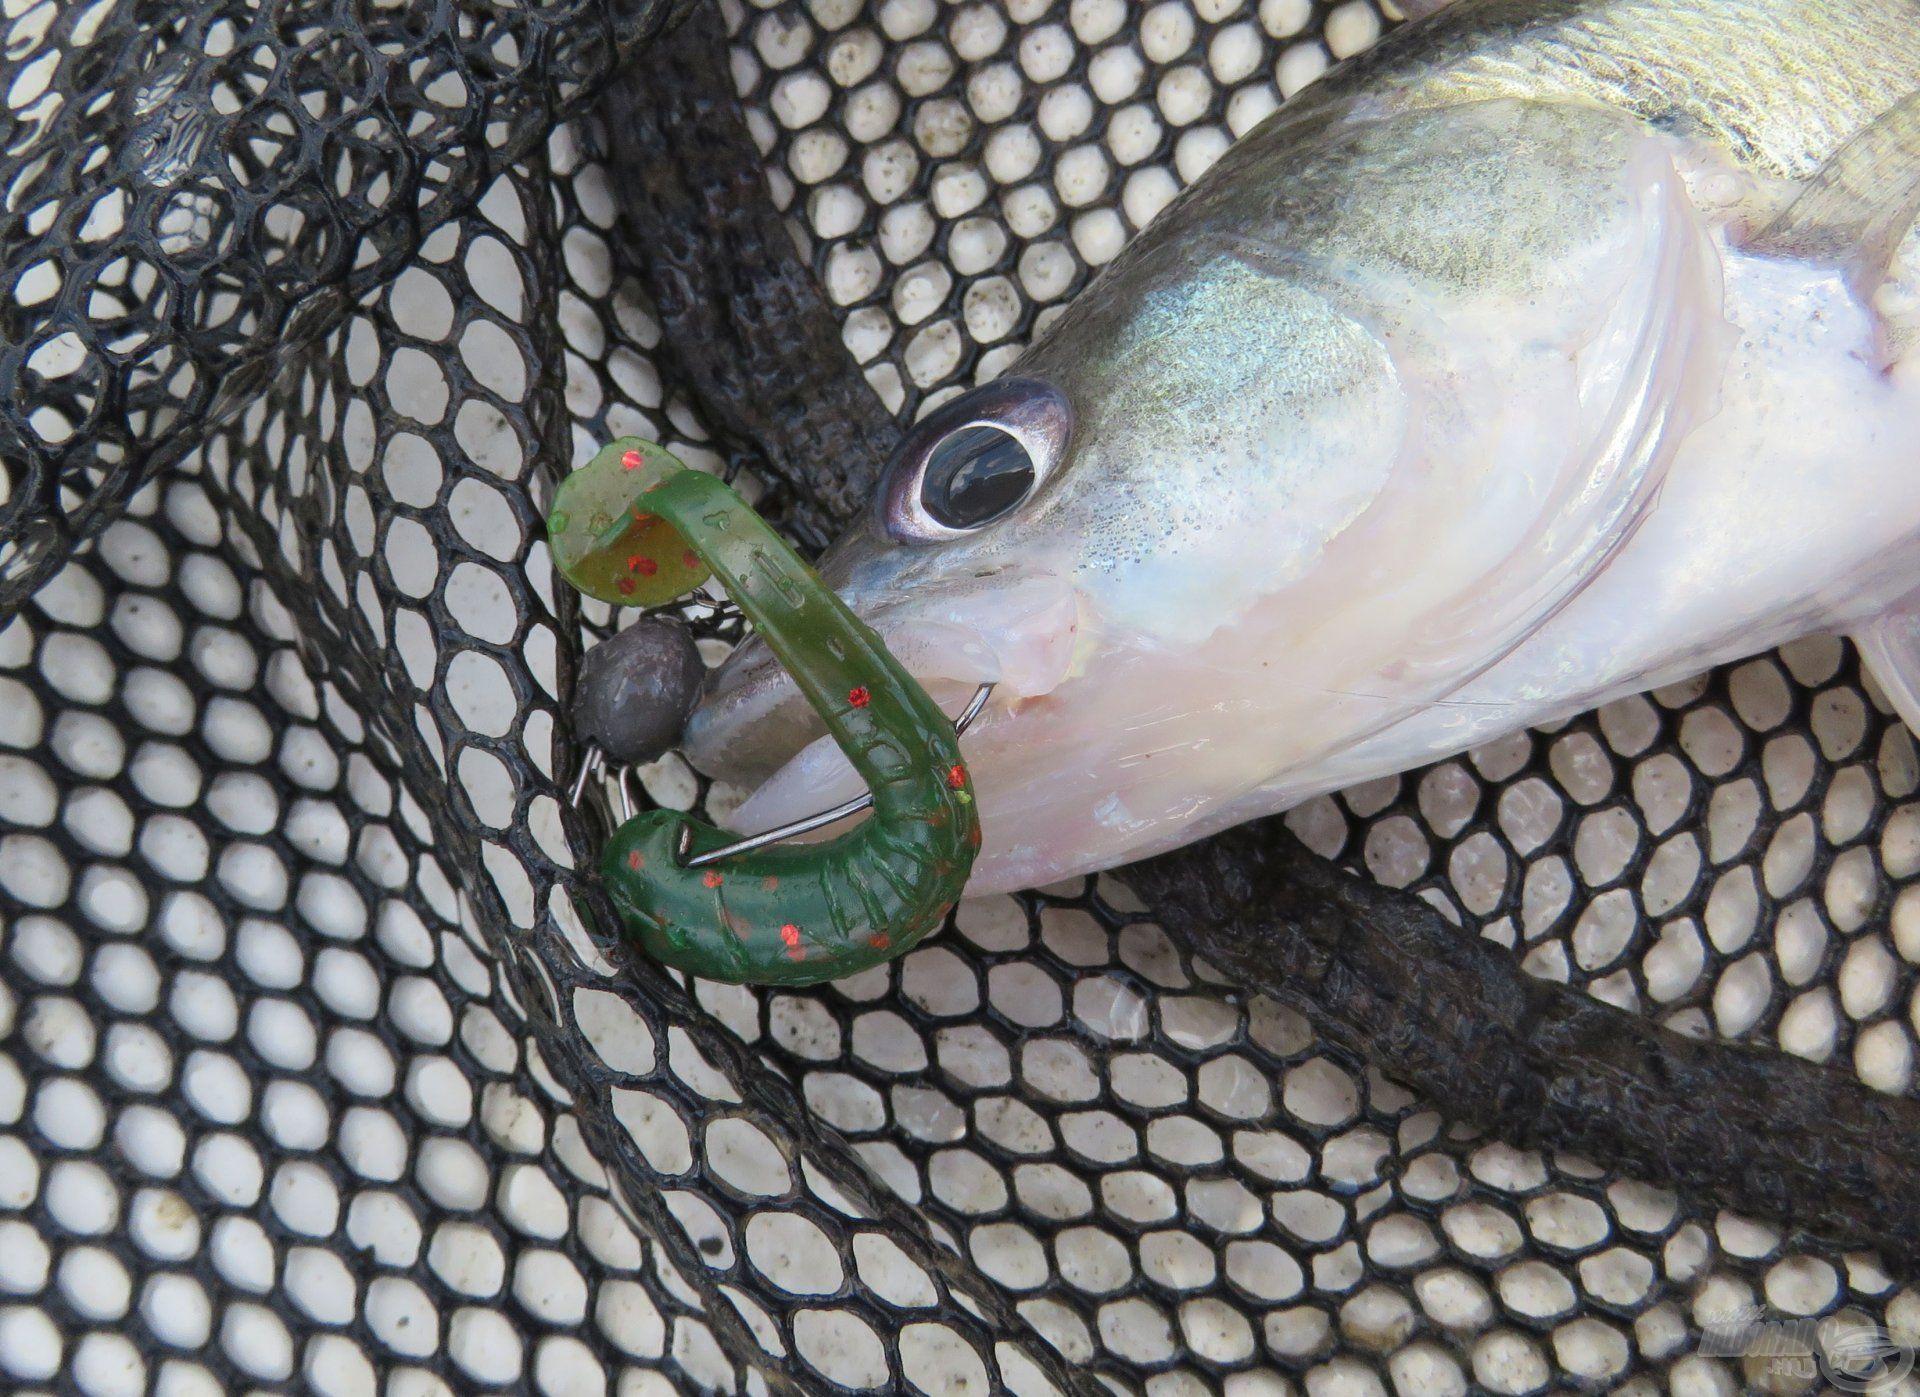 A merítő szák használata erősen ajánlott volt, hiszen a halak gyakran nagyon gyengén akadtak meg, könnyen kirázták magukból a horgot a fárasztás során